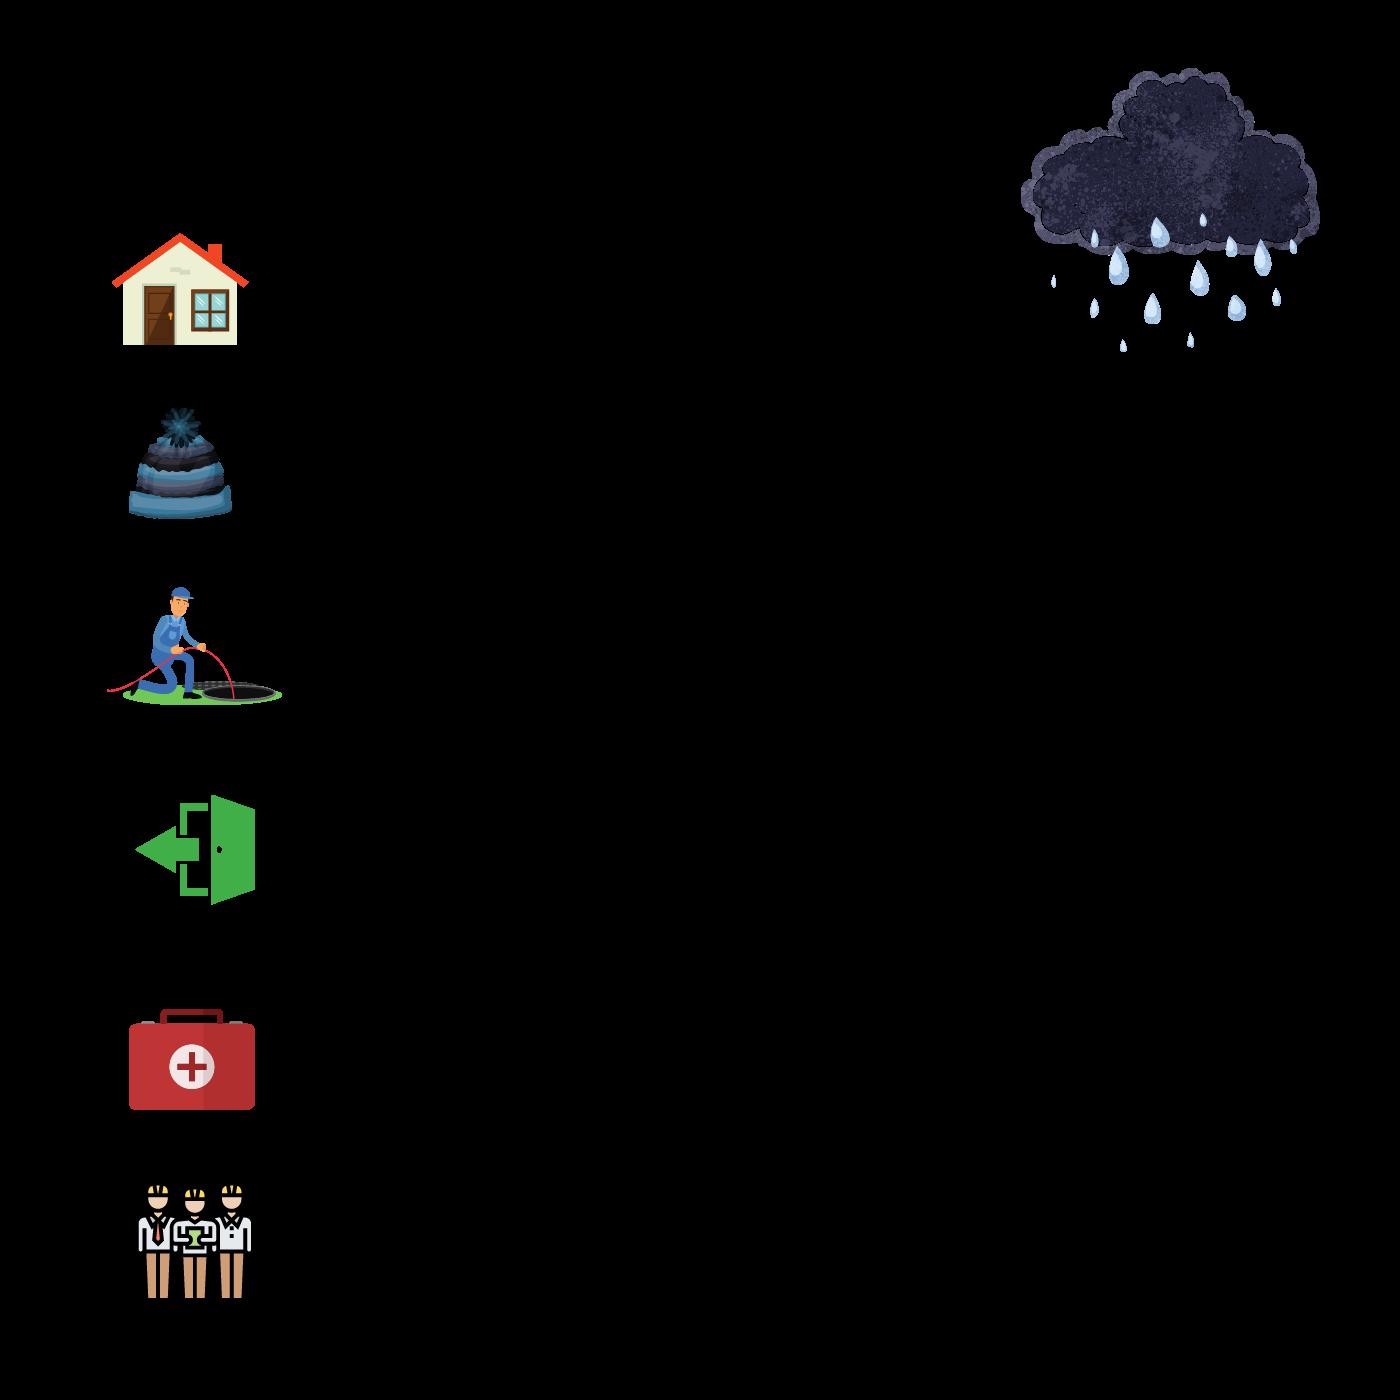 La Protección Municipal Ante Las Inundaciones En Santa Tecla. Recomendaciones lluvias. Infografía. Roberto d'Aubuisson. 2021